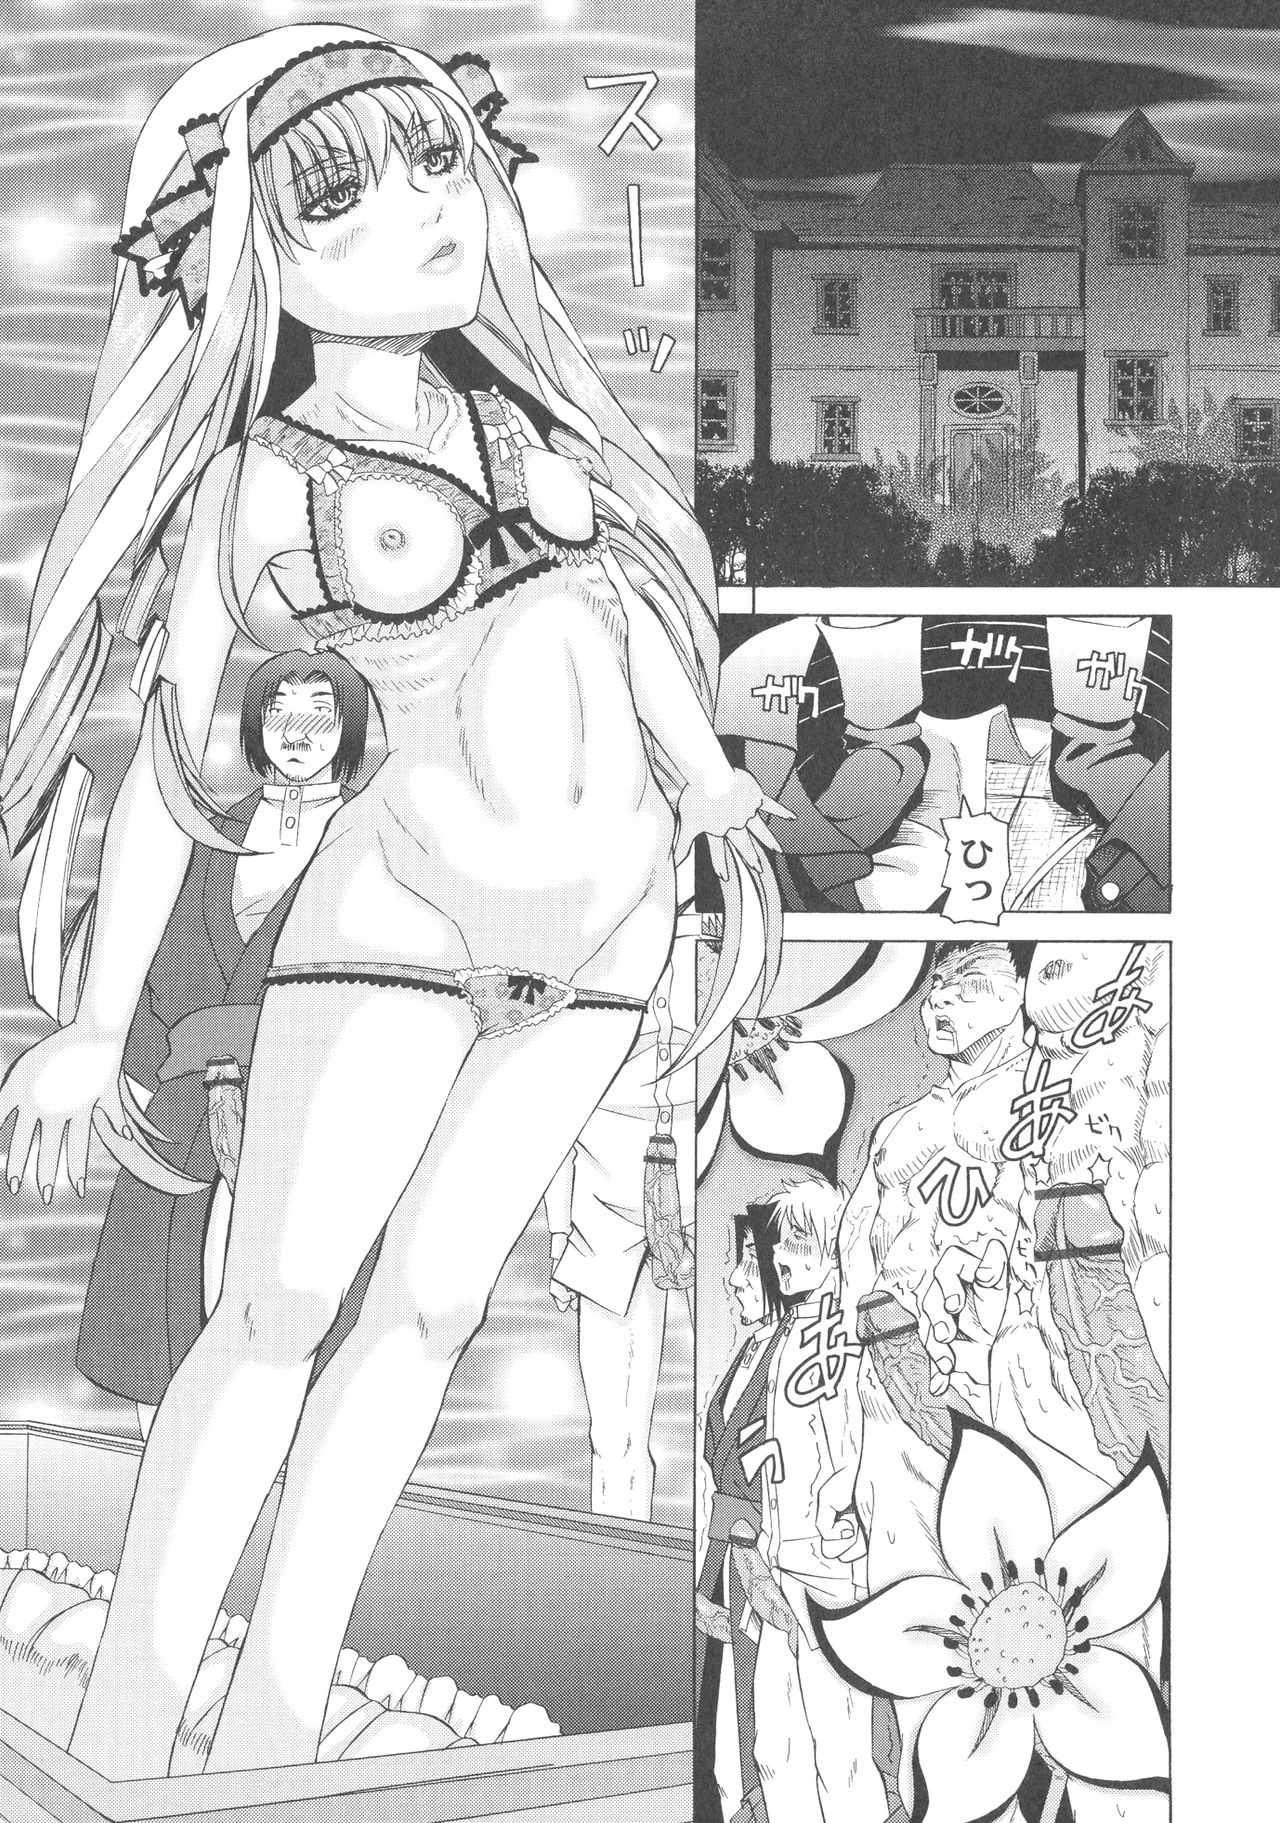 【エロ漫画】男が干からびて死ぬまで精液を搾り取る妖怪女…幼い少女の姿に変化して若い青年たちをもたぶらかし三人まとめて喰い散らかすグロ展開にwww【夜馬勝絵:幻辱の館】